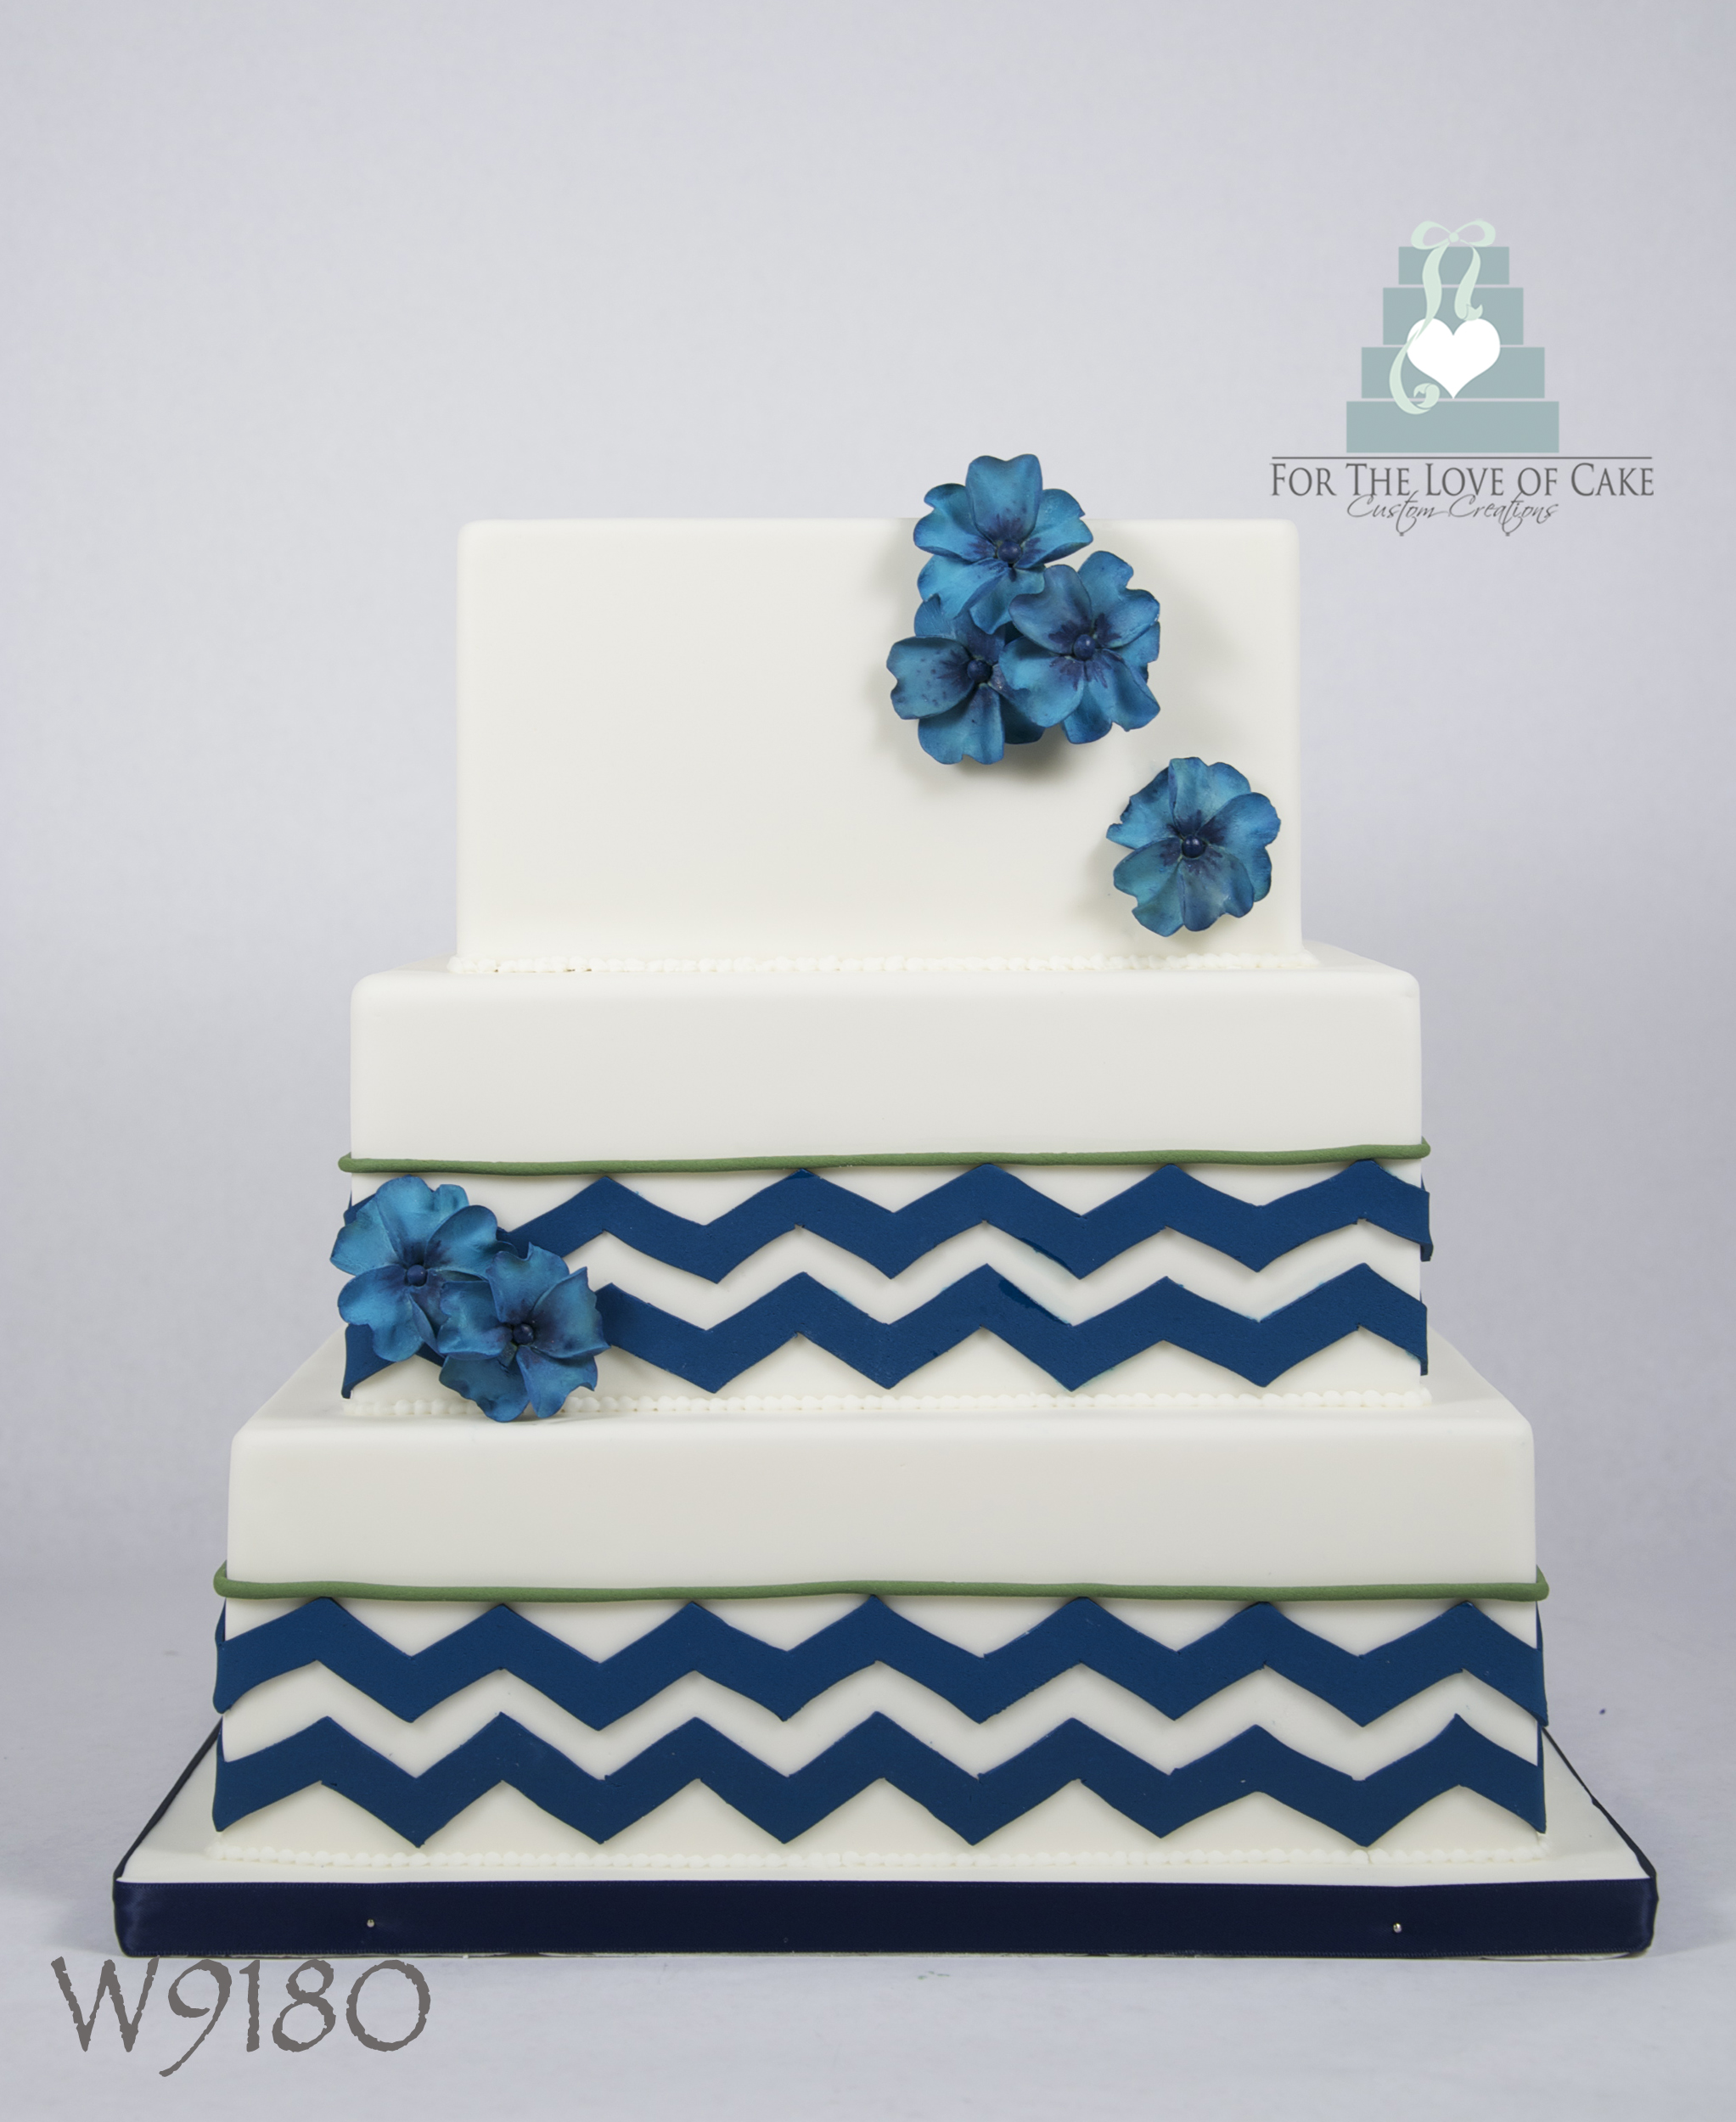 W9180 white navy blue square chevron wedding cake